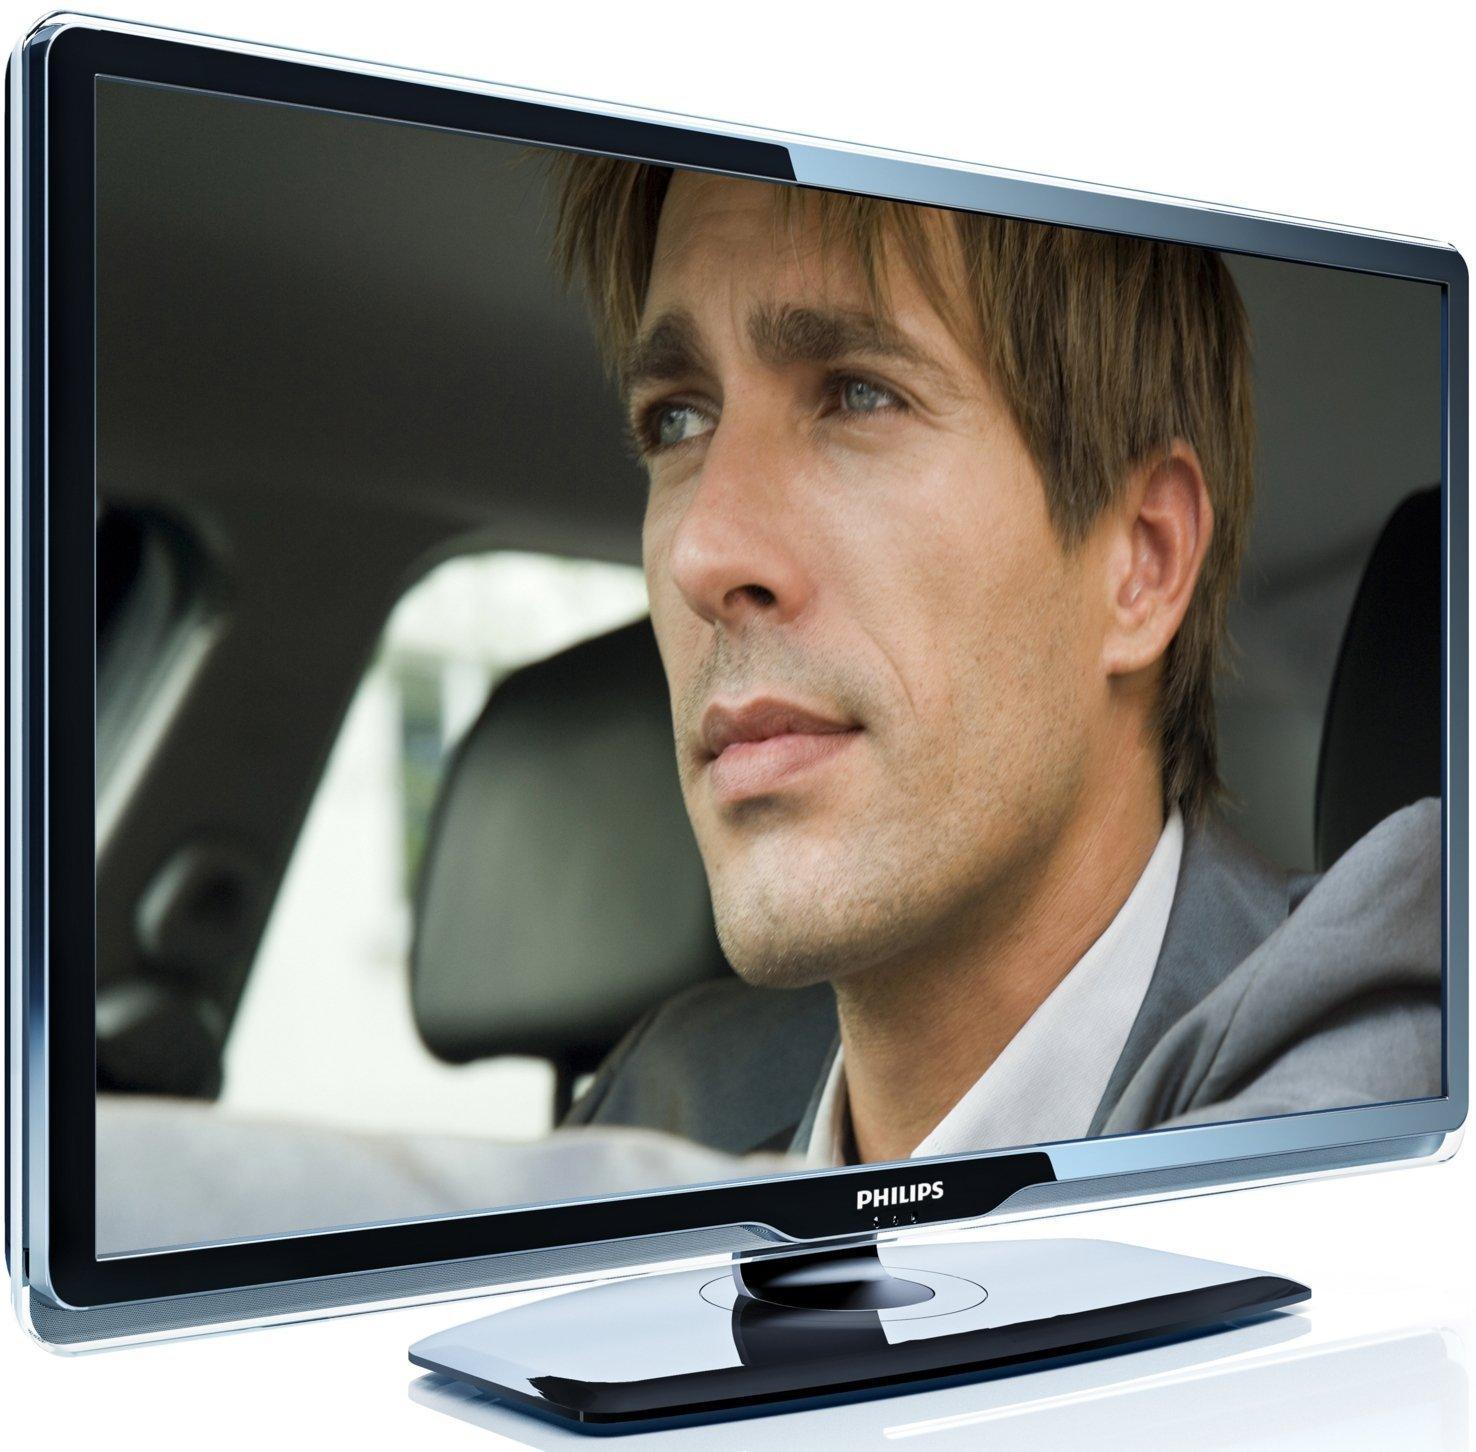 Philips 47PFL8404H- Televisión Full HD, Pantalla LCD 47 pulgadas: Amazon.es: Electrónica